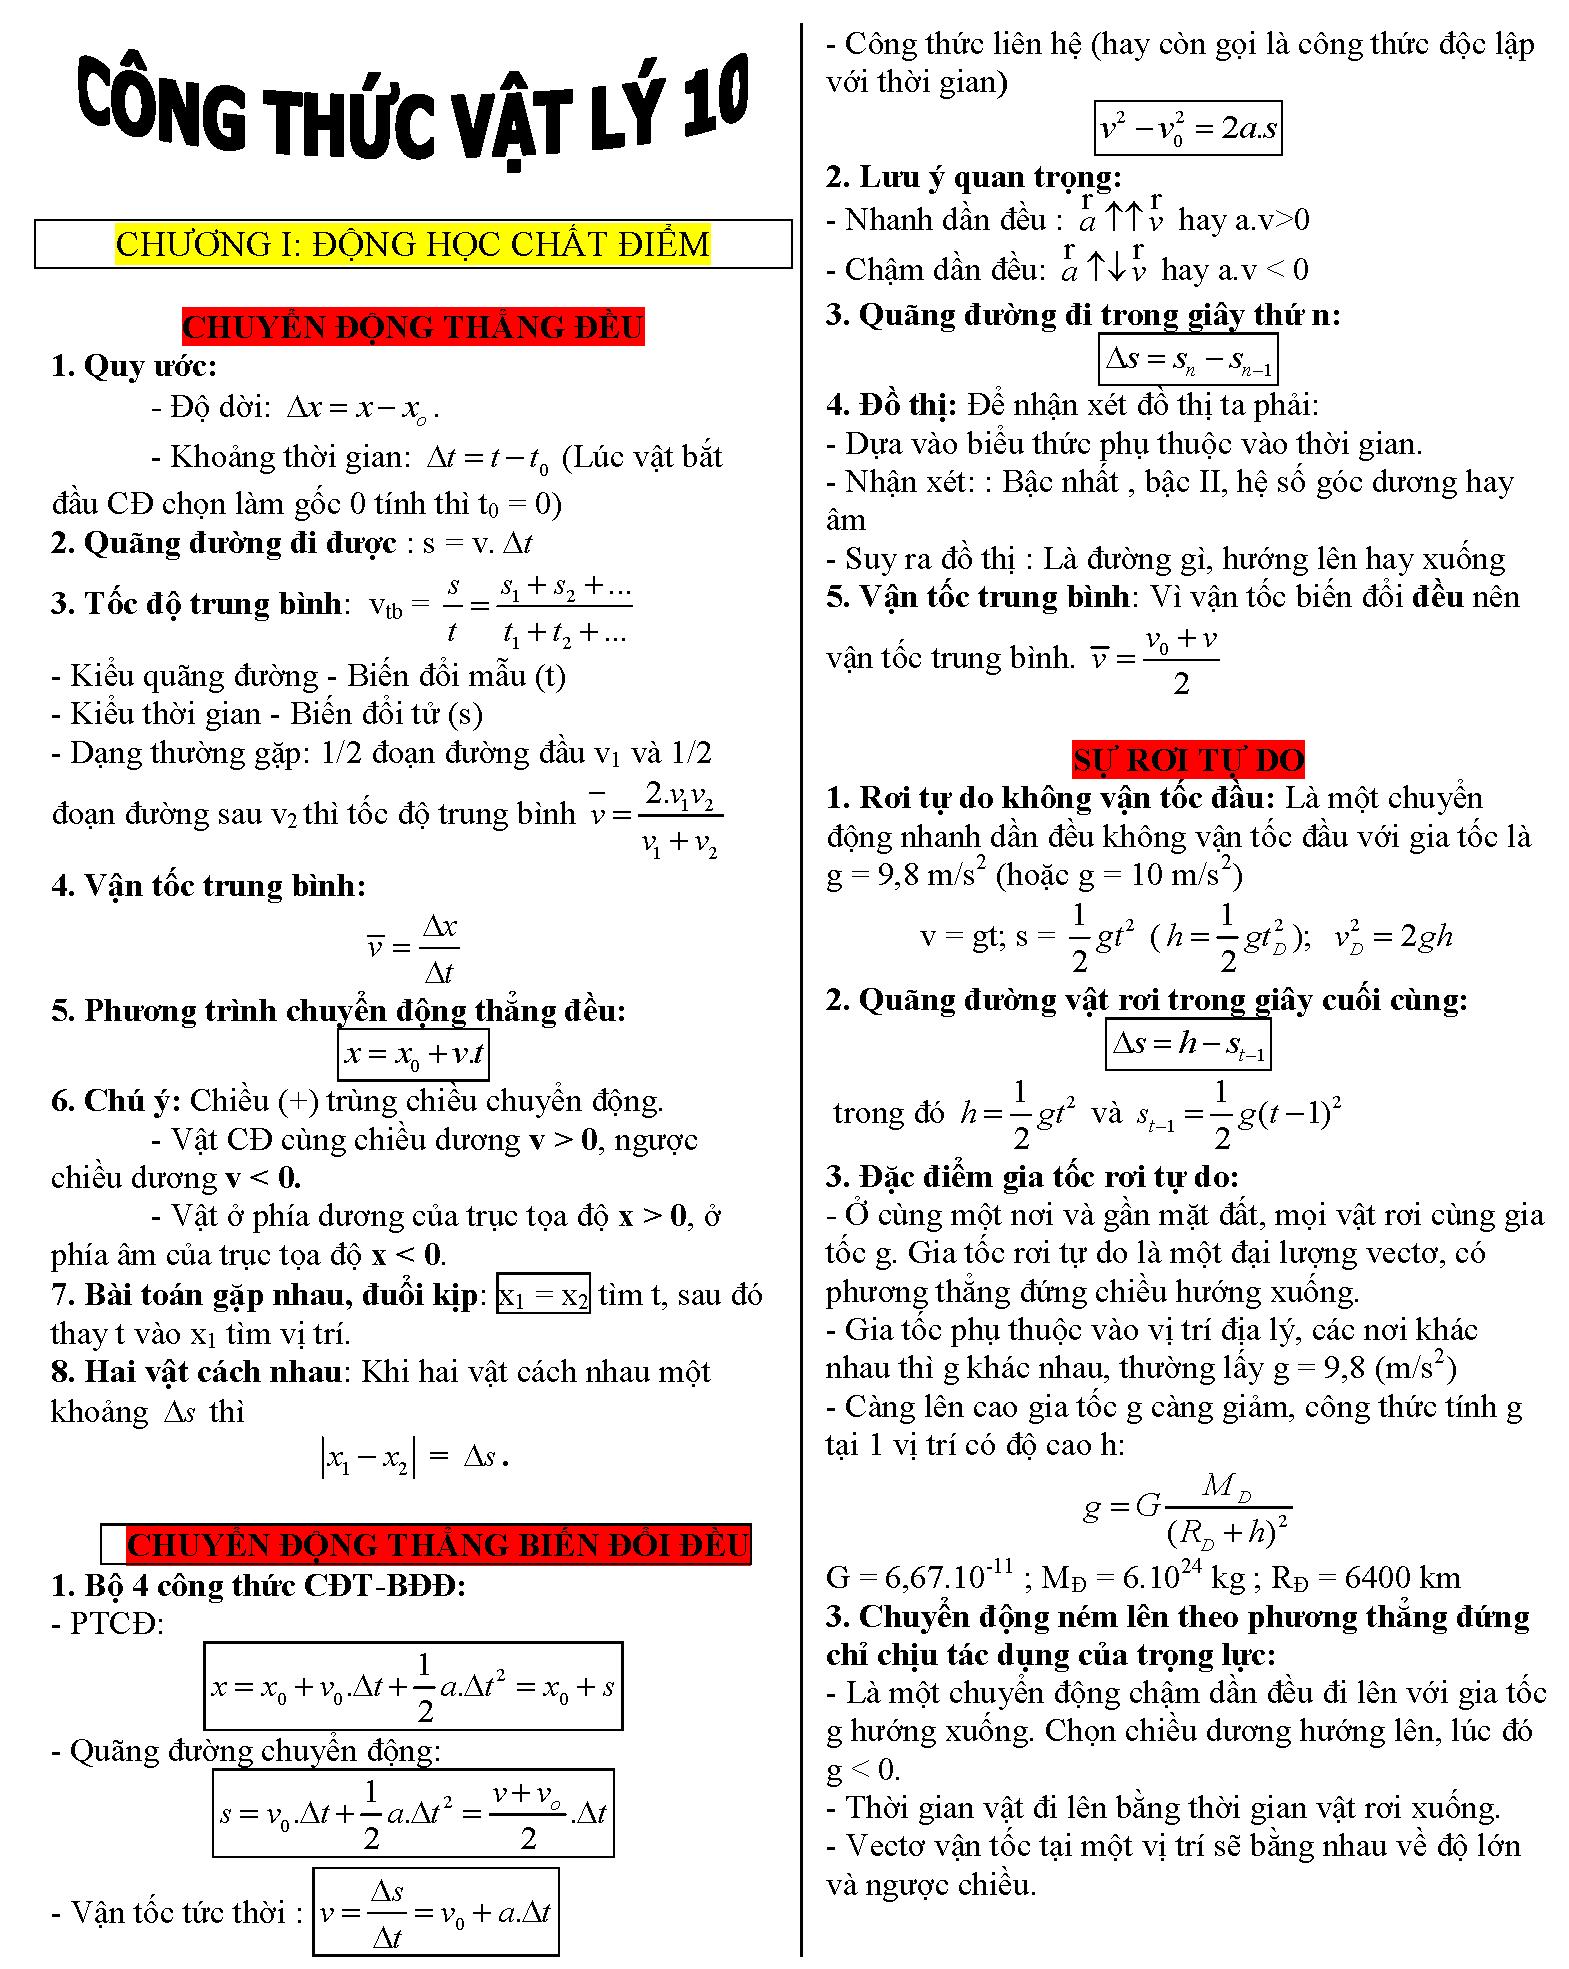 Công thức vật lý lớp 10 (1).png